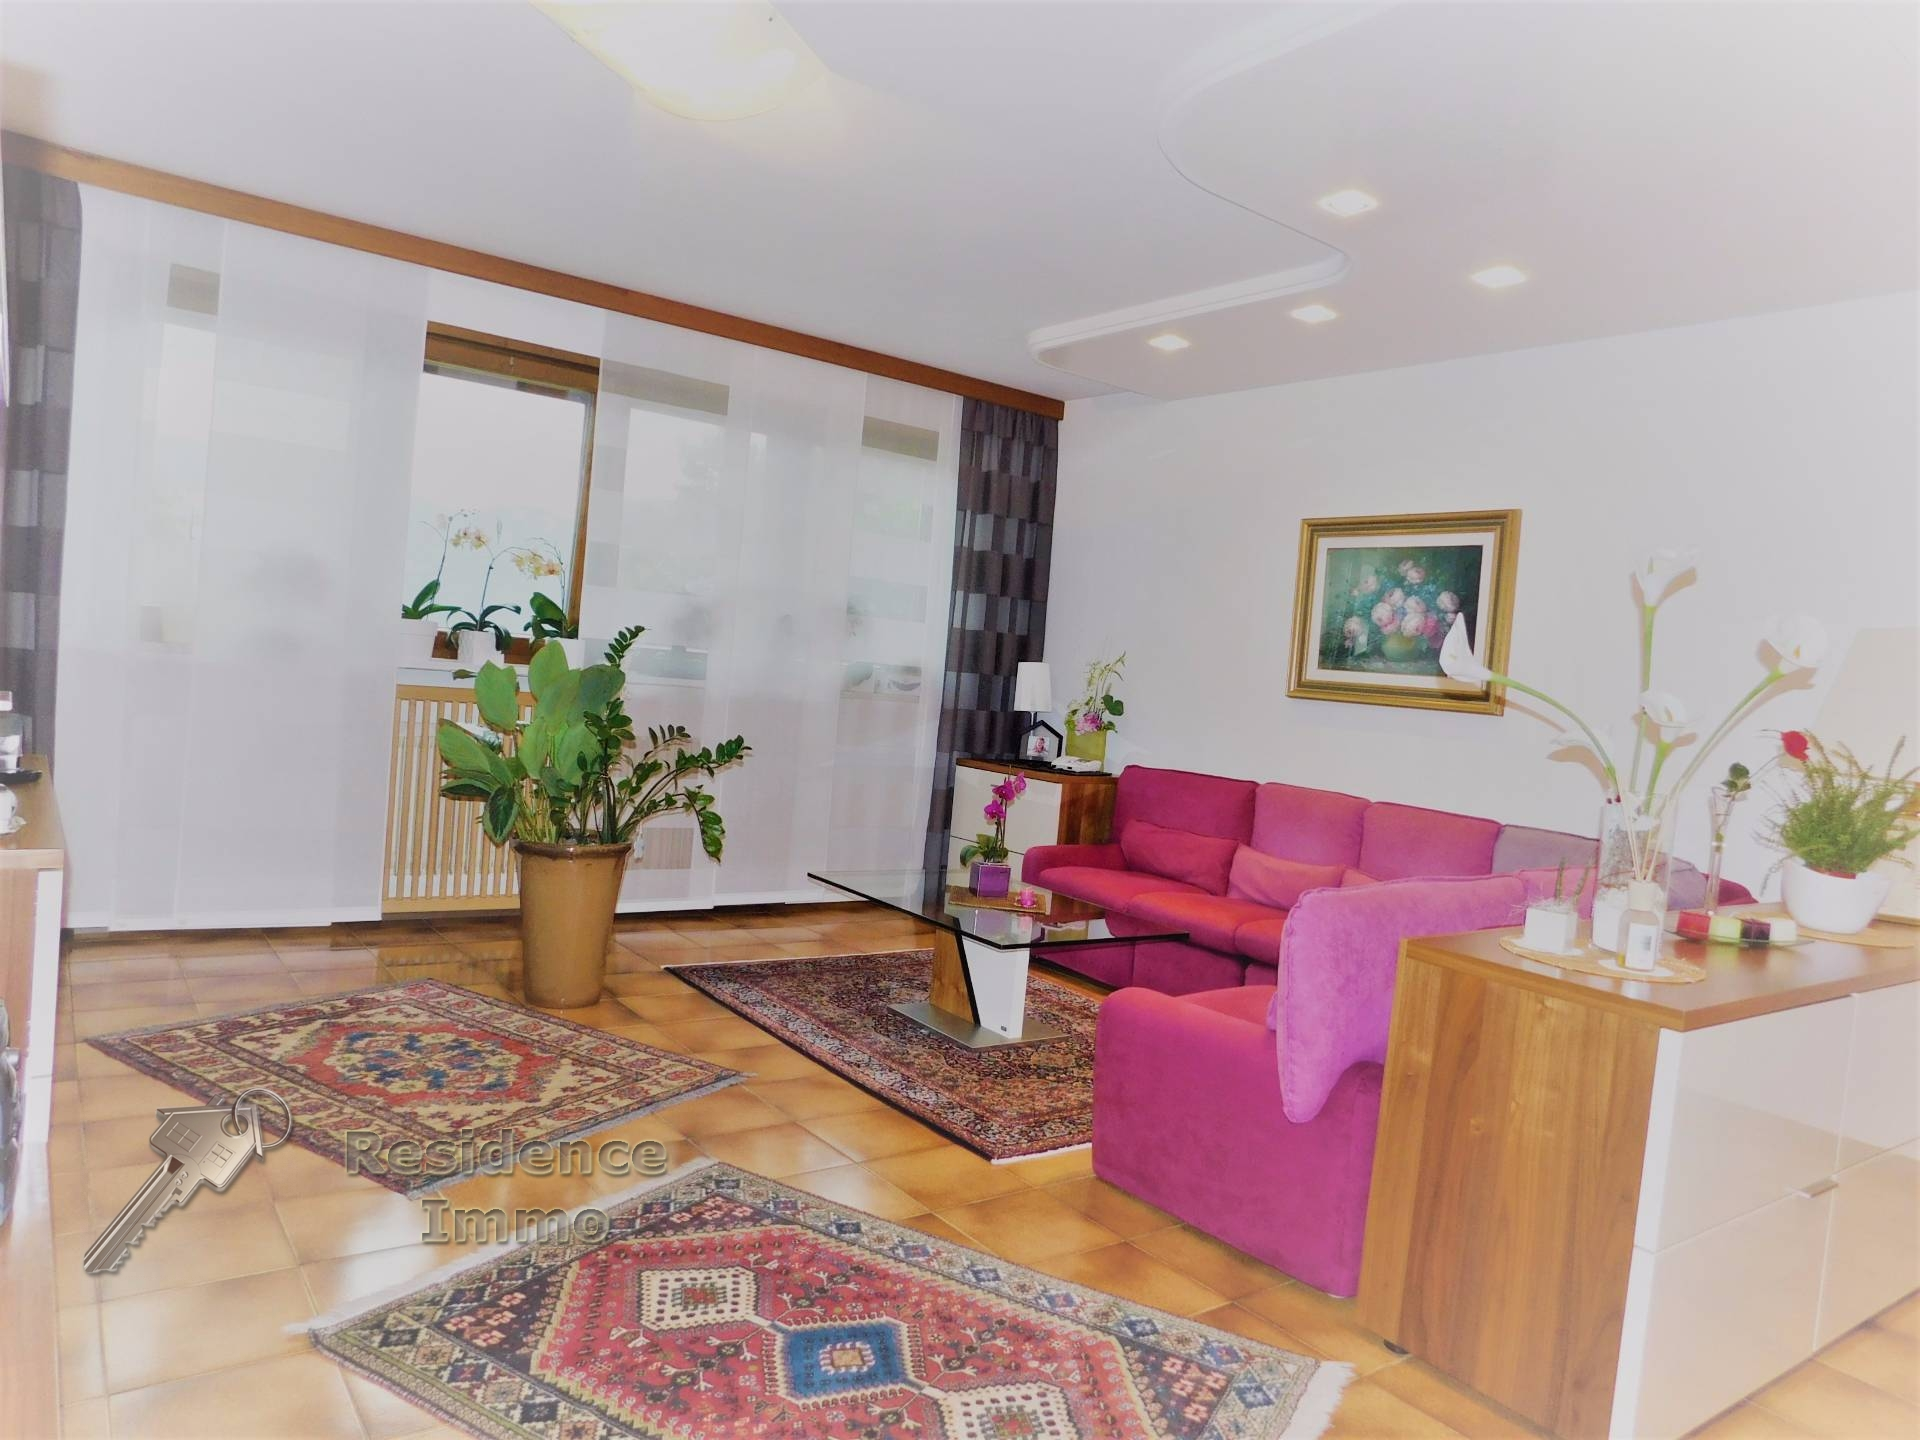 Attico / Mansarda in vendita a Laives, 5 locali, zona Zona: Pineta, prezzo € 460.000 | CambioCasa.it